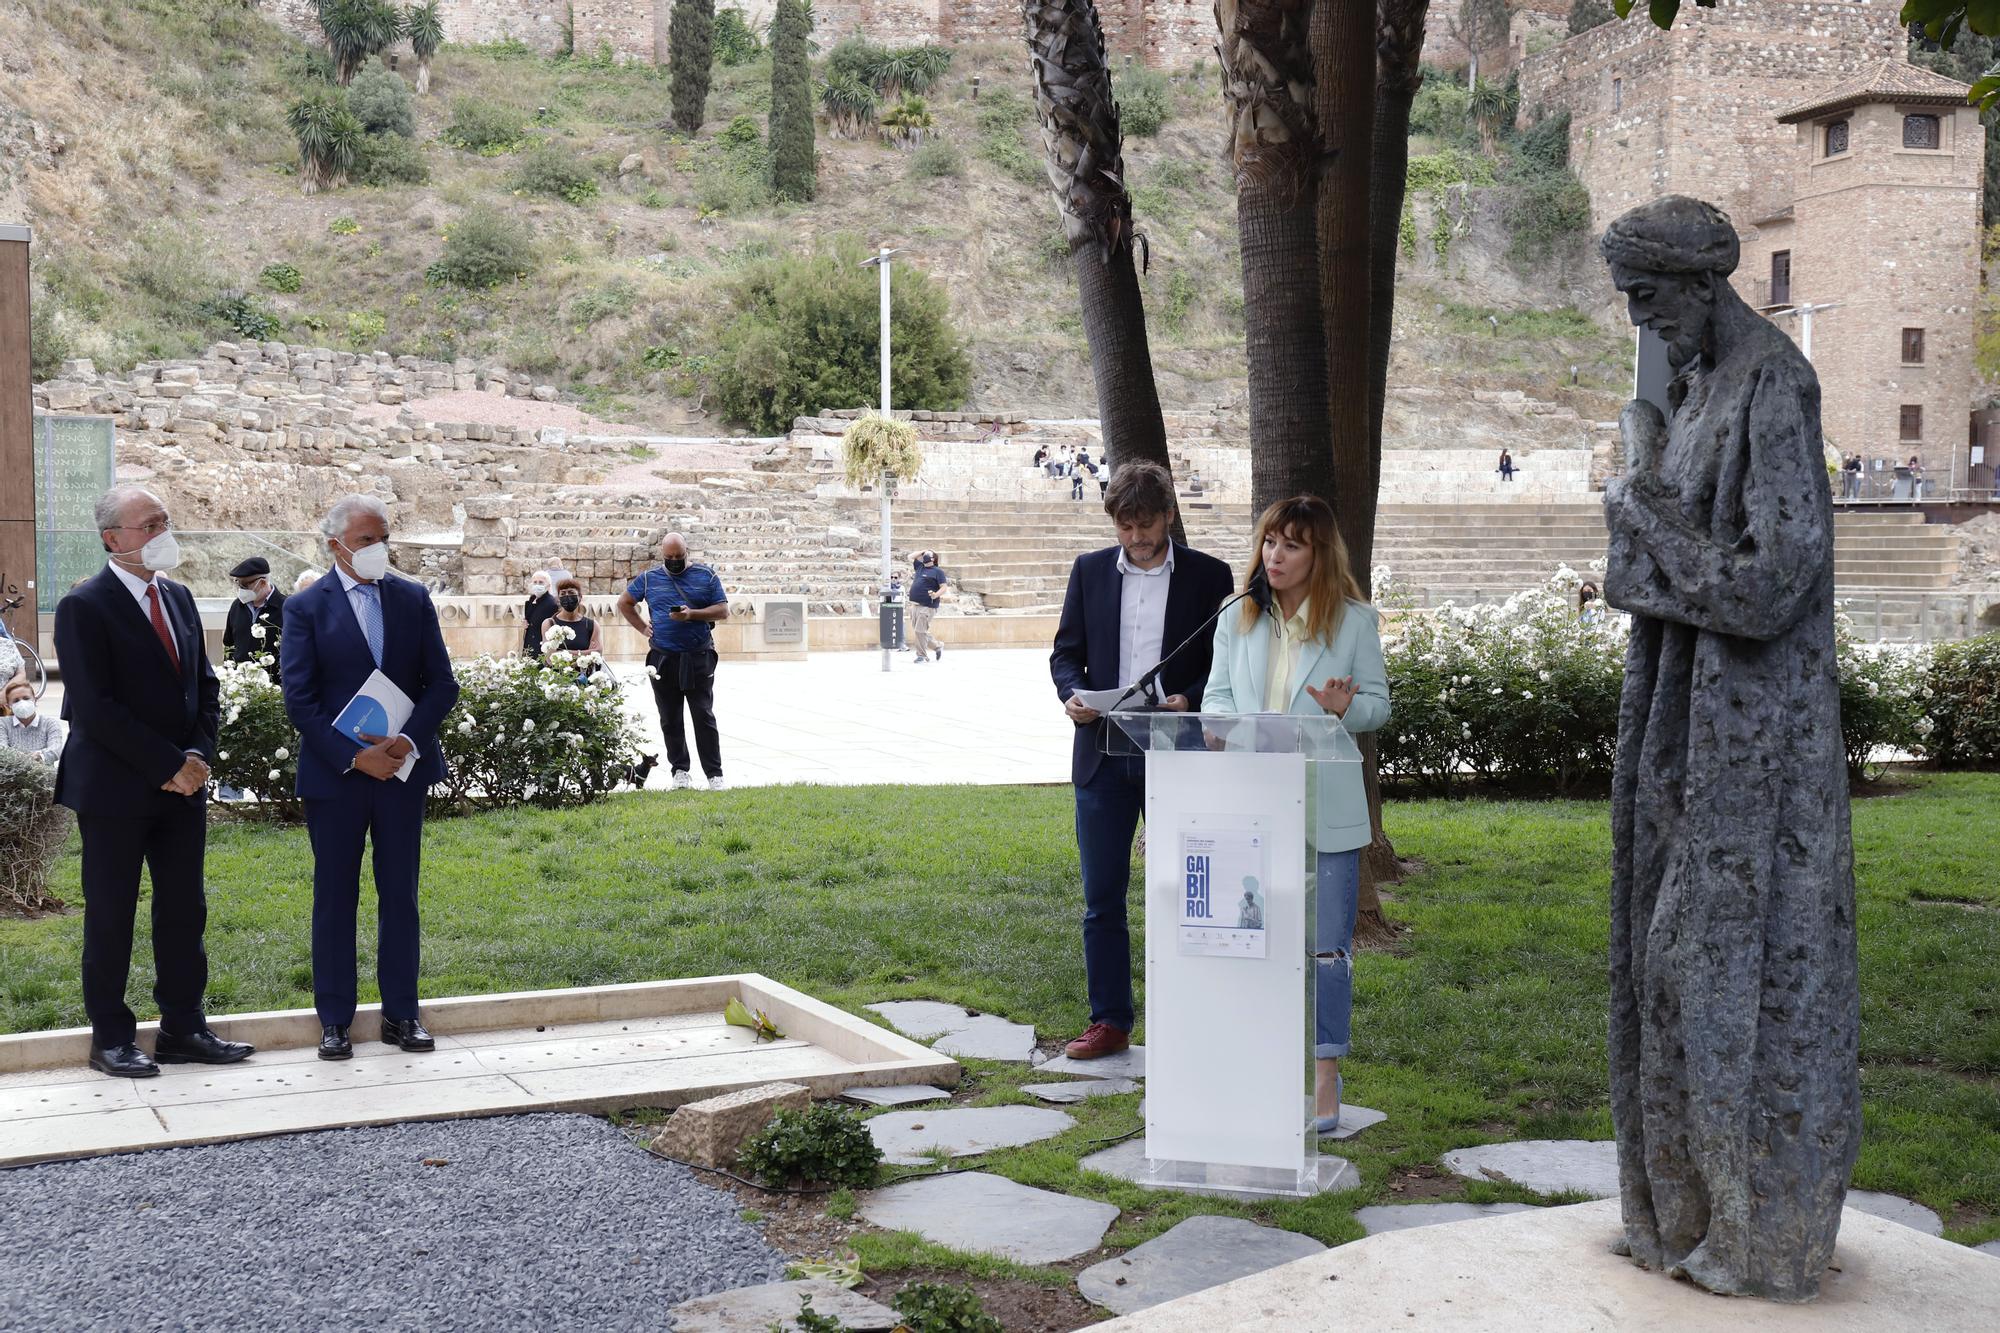 Ofrenda floral al monumento de Ibn Gabirol en Málaga